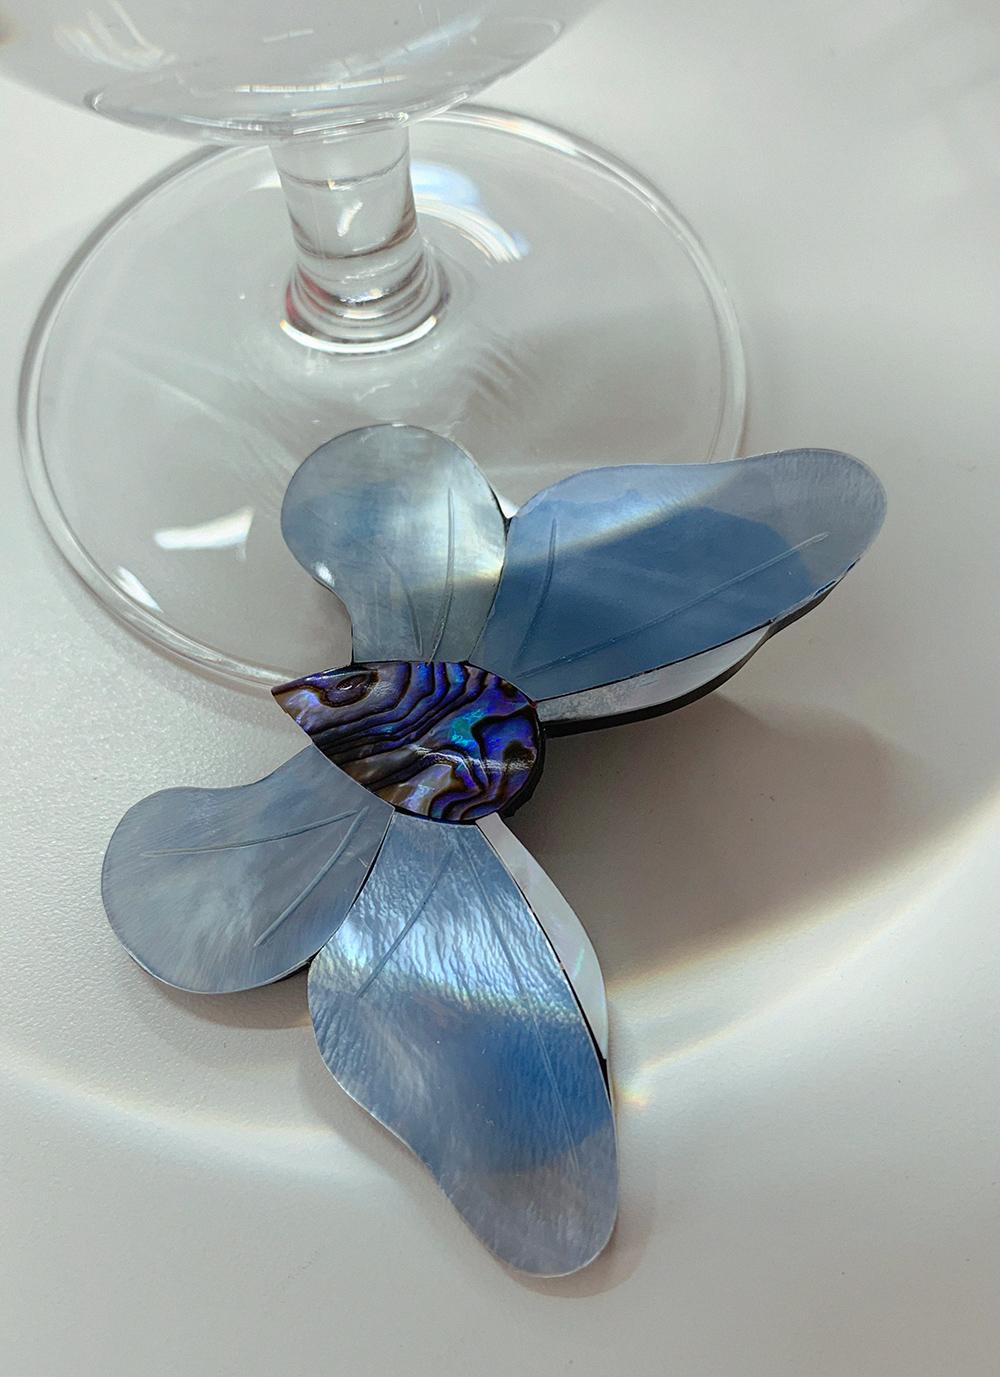 (再入荷)BLUE BUTTERFLY EARRING & PIERCE